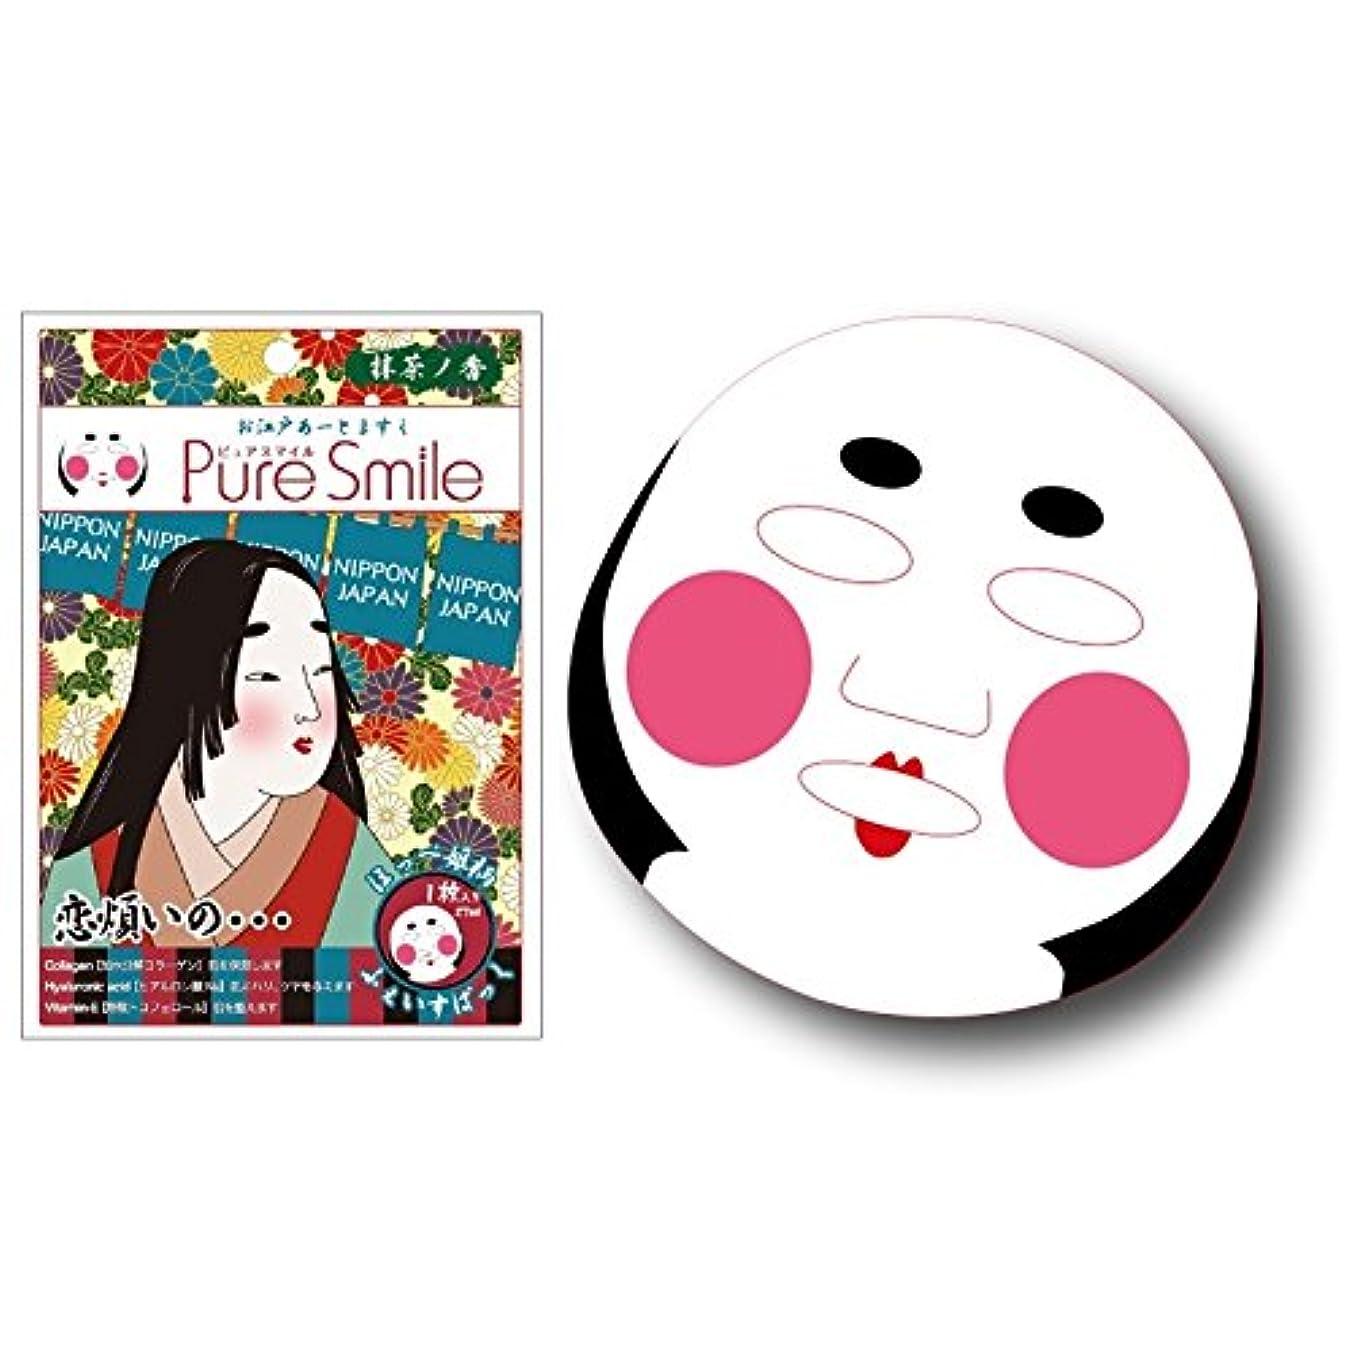 要求する残り呼吸Pure Smile お江戸アートマスク (ほっぺ姫)